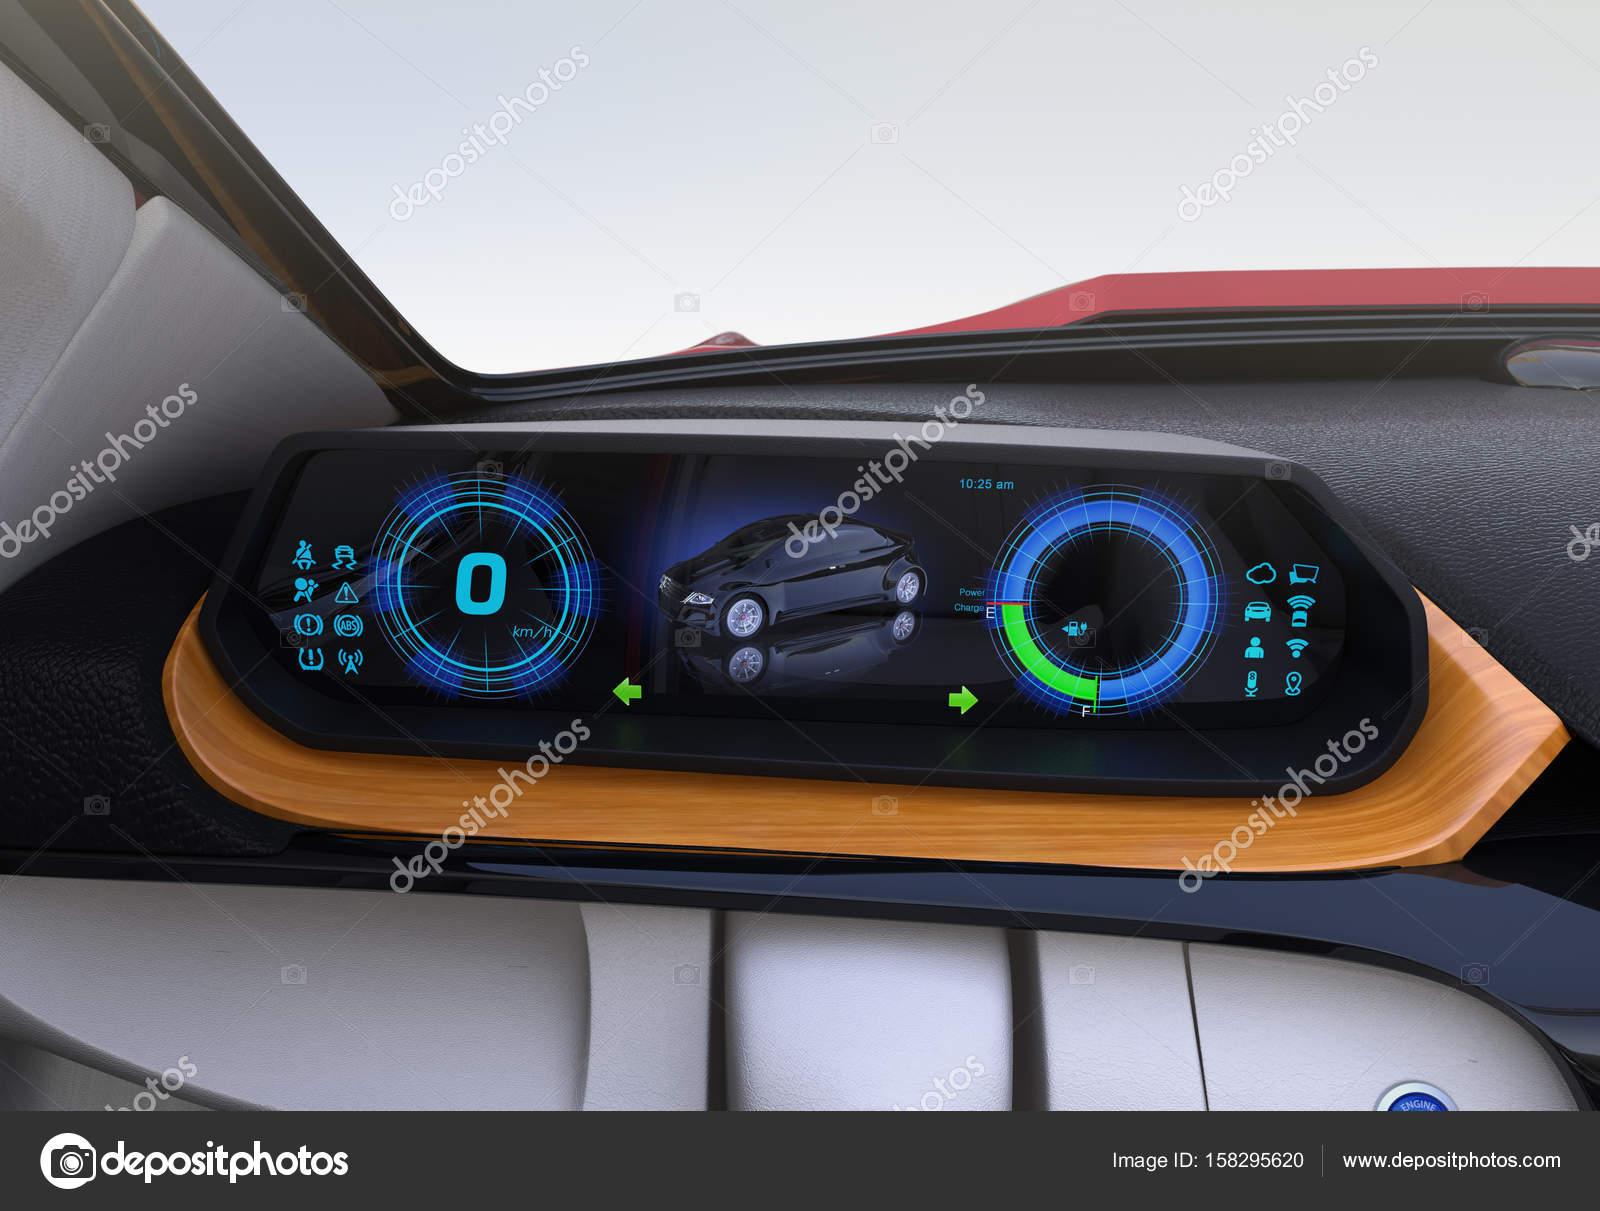 vue de l indicateur de vitesse num rique sur plateau en bois photographie chesky w 158295620. Black Bedroom Furniture Sets. Home Design Ideas